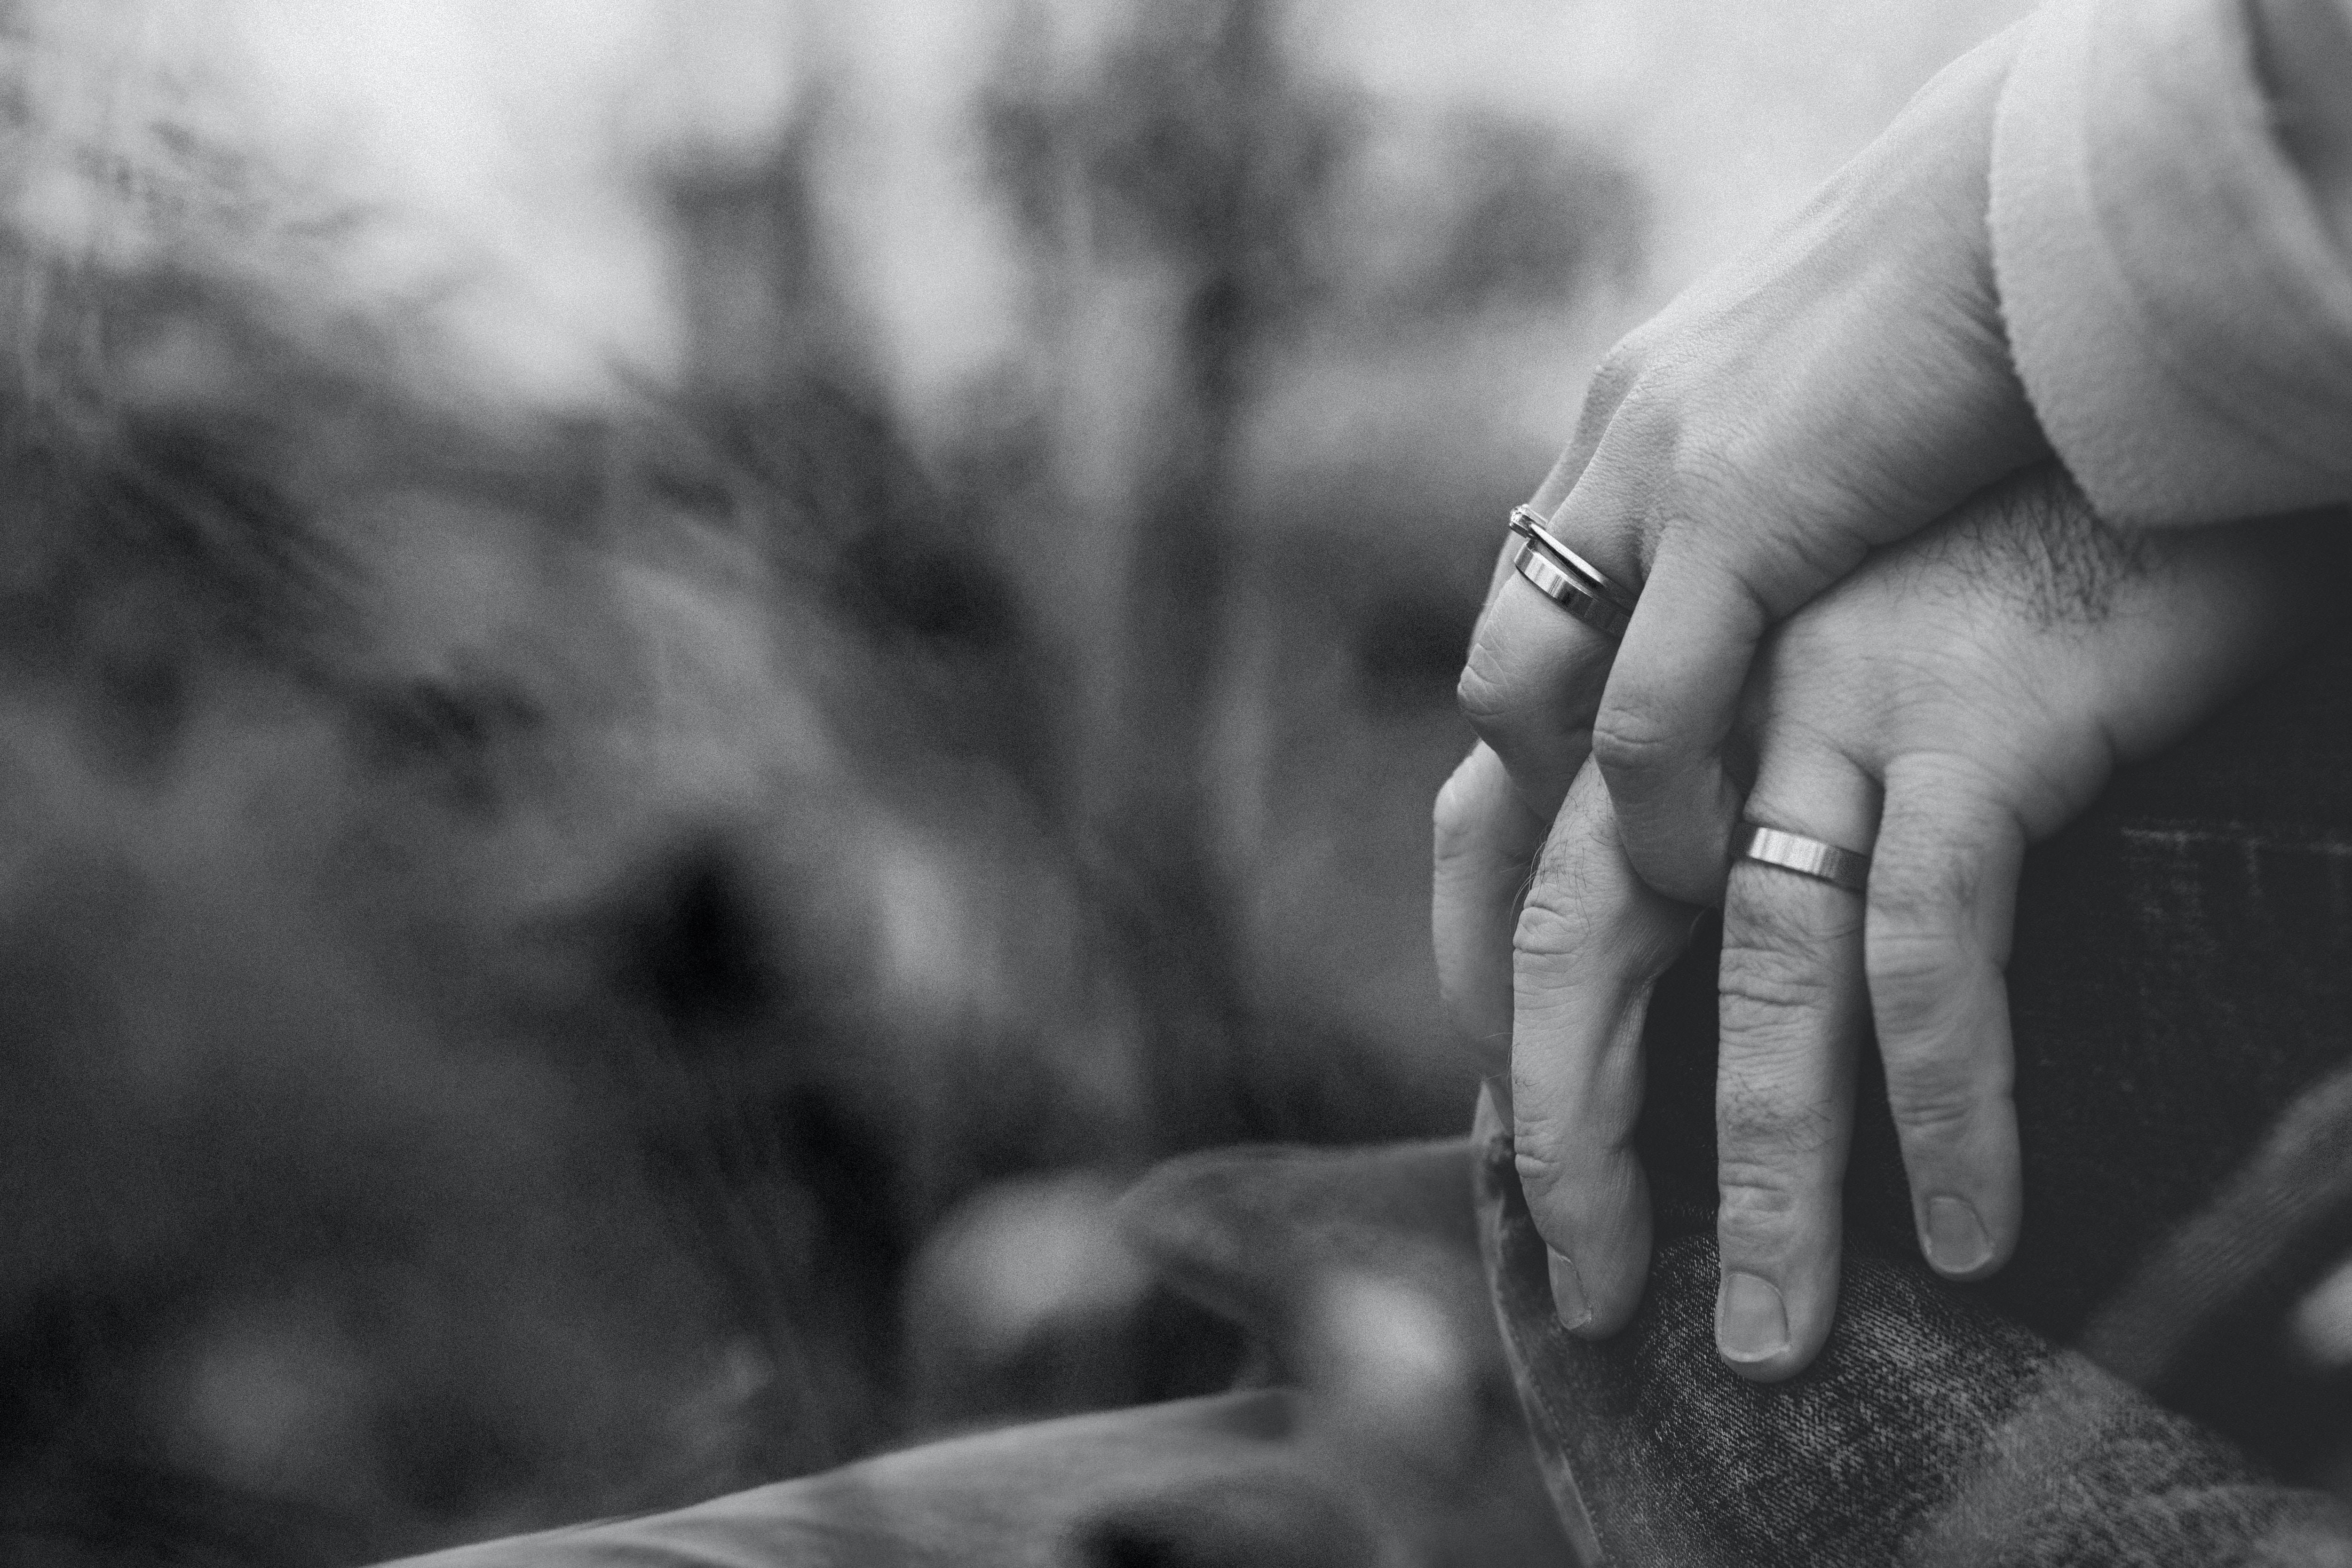 《擁抱B選項》:韌性背後的關鍵力量是希望|失落花園 楊涵柔